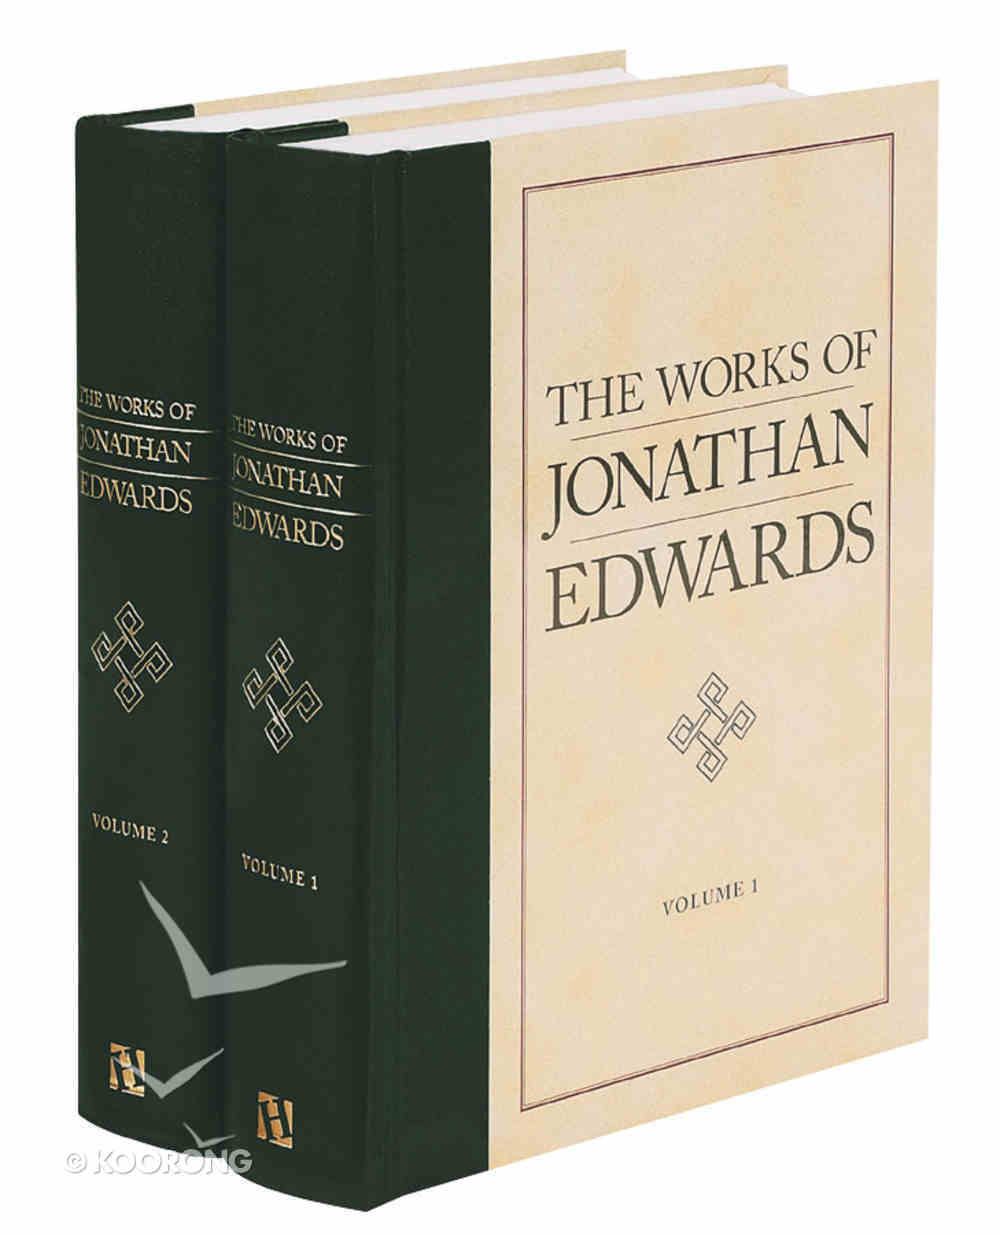 The Works of Jonathan Edwards (2 Vol Set) Hardback